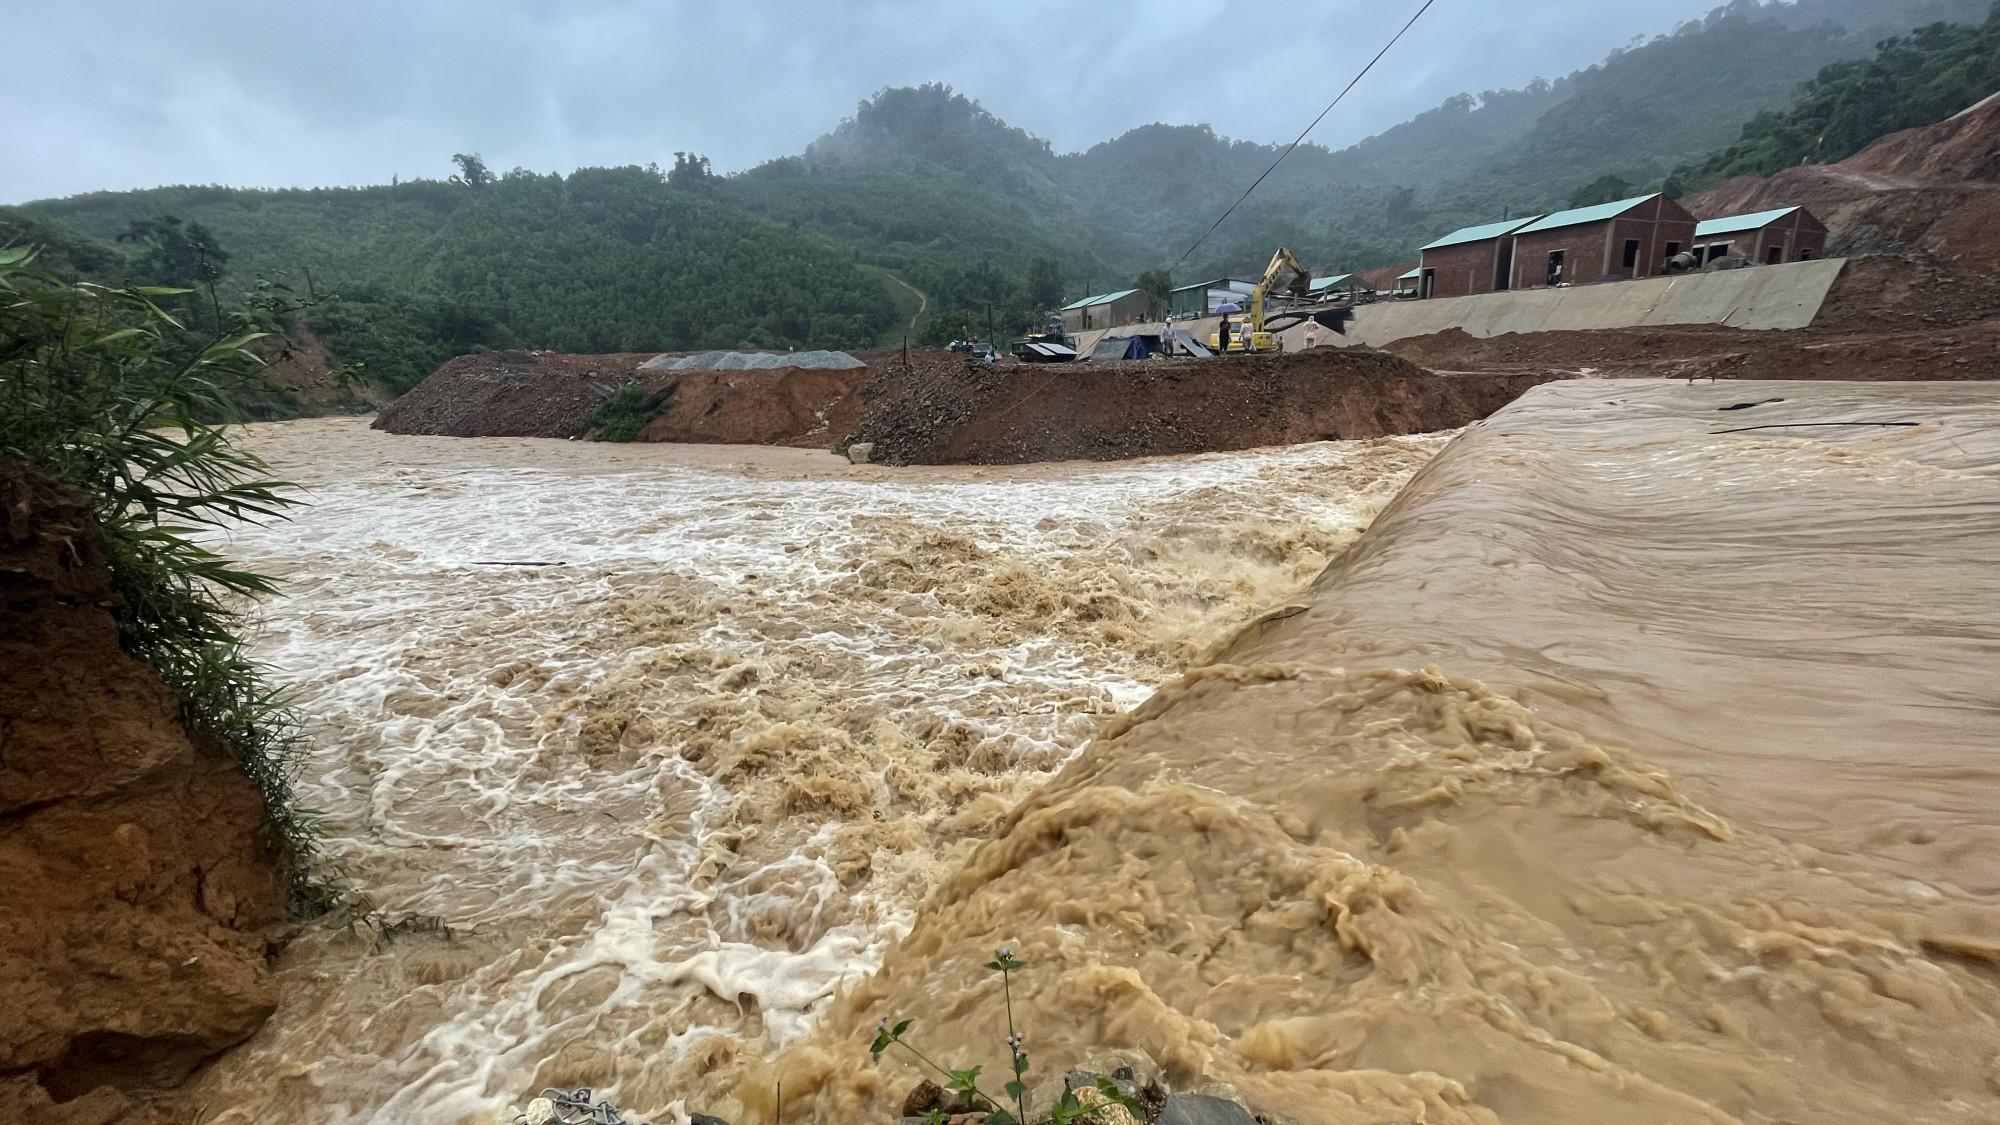 Mưa lớn ở thượng nguồn làm cô lập nhiều thôn, xã ở huyện Phước Sơn